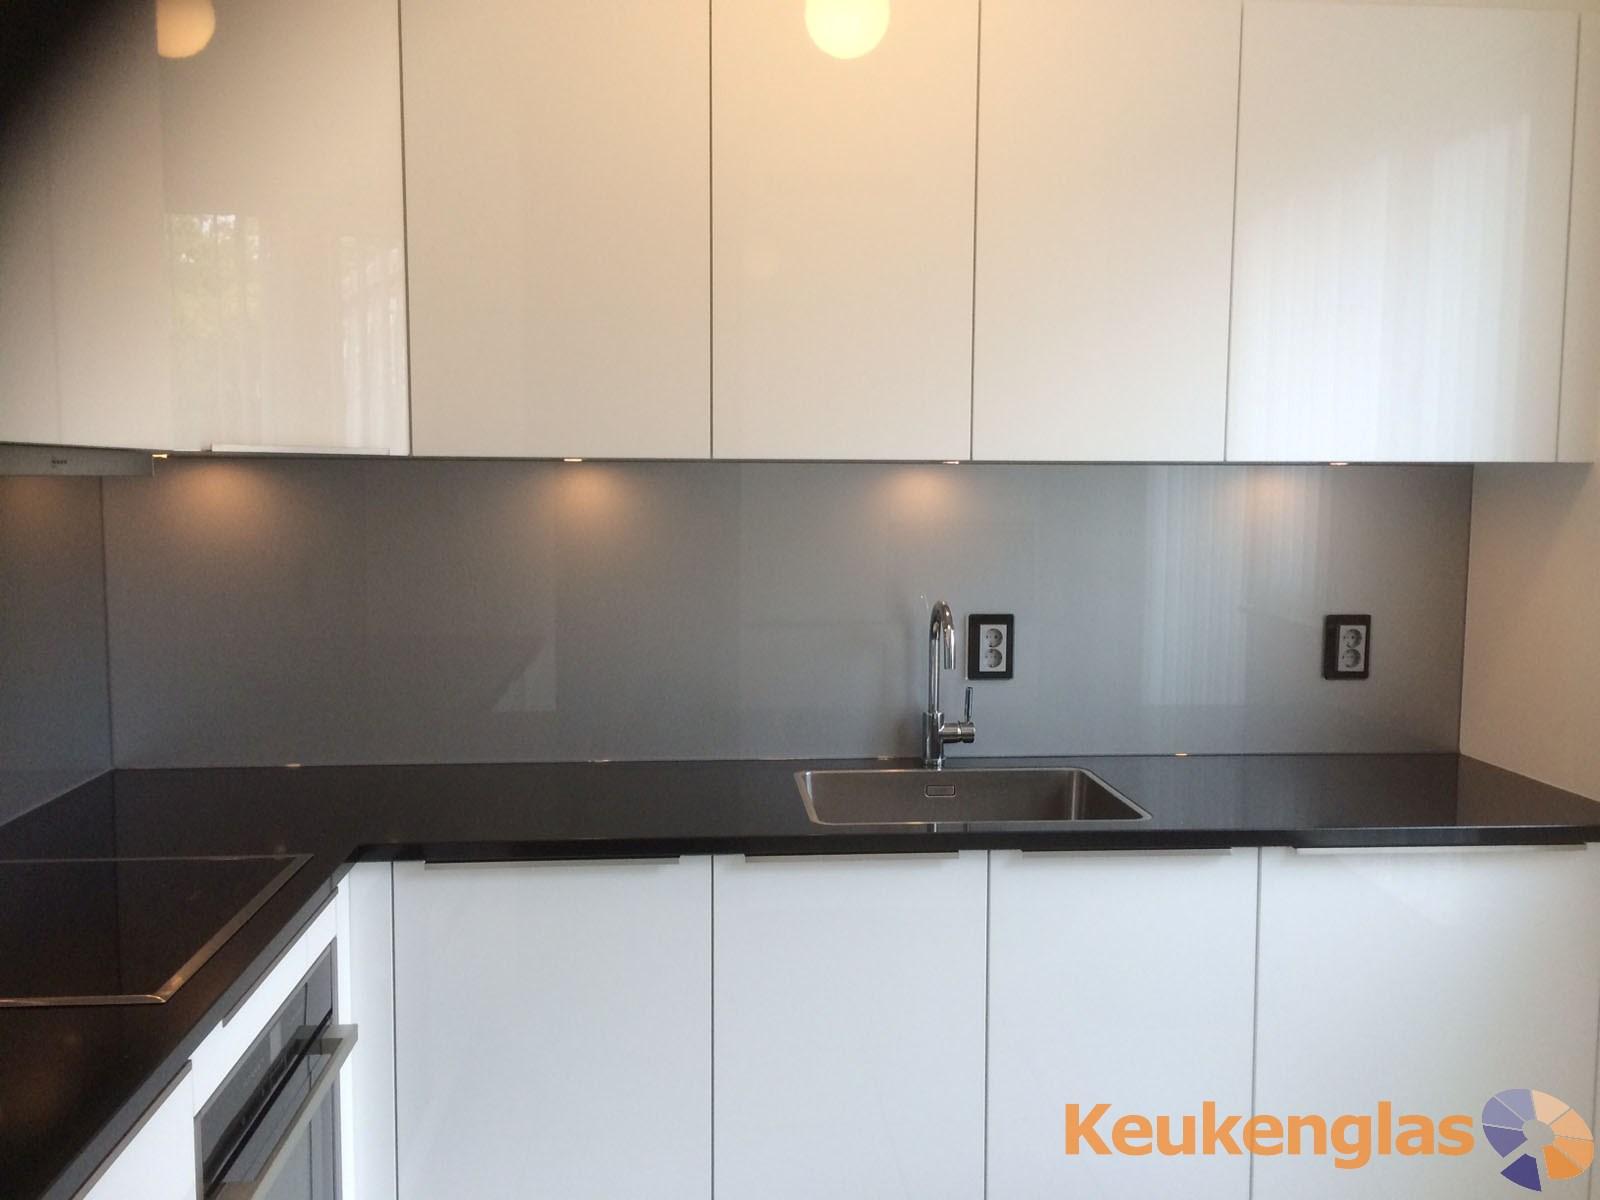 Mooie Achterwand Voor De Keuken : Top 5 Kleuren keuken achterwanden ...